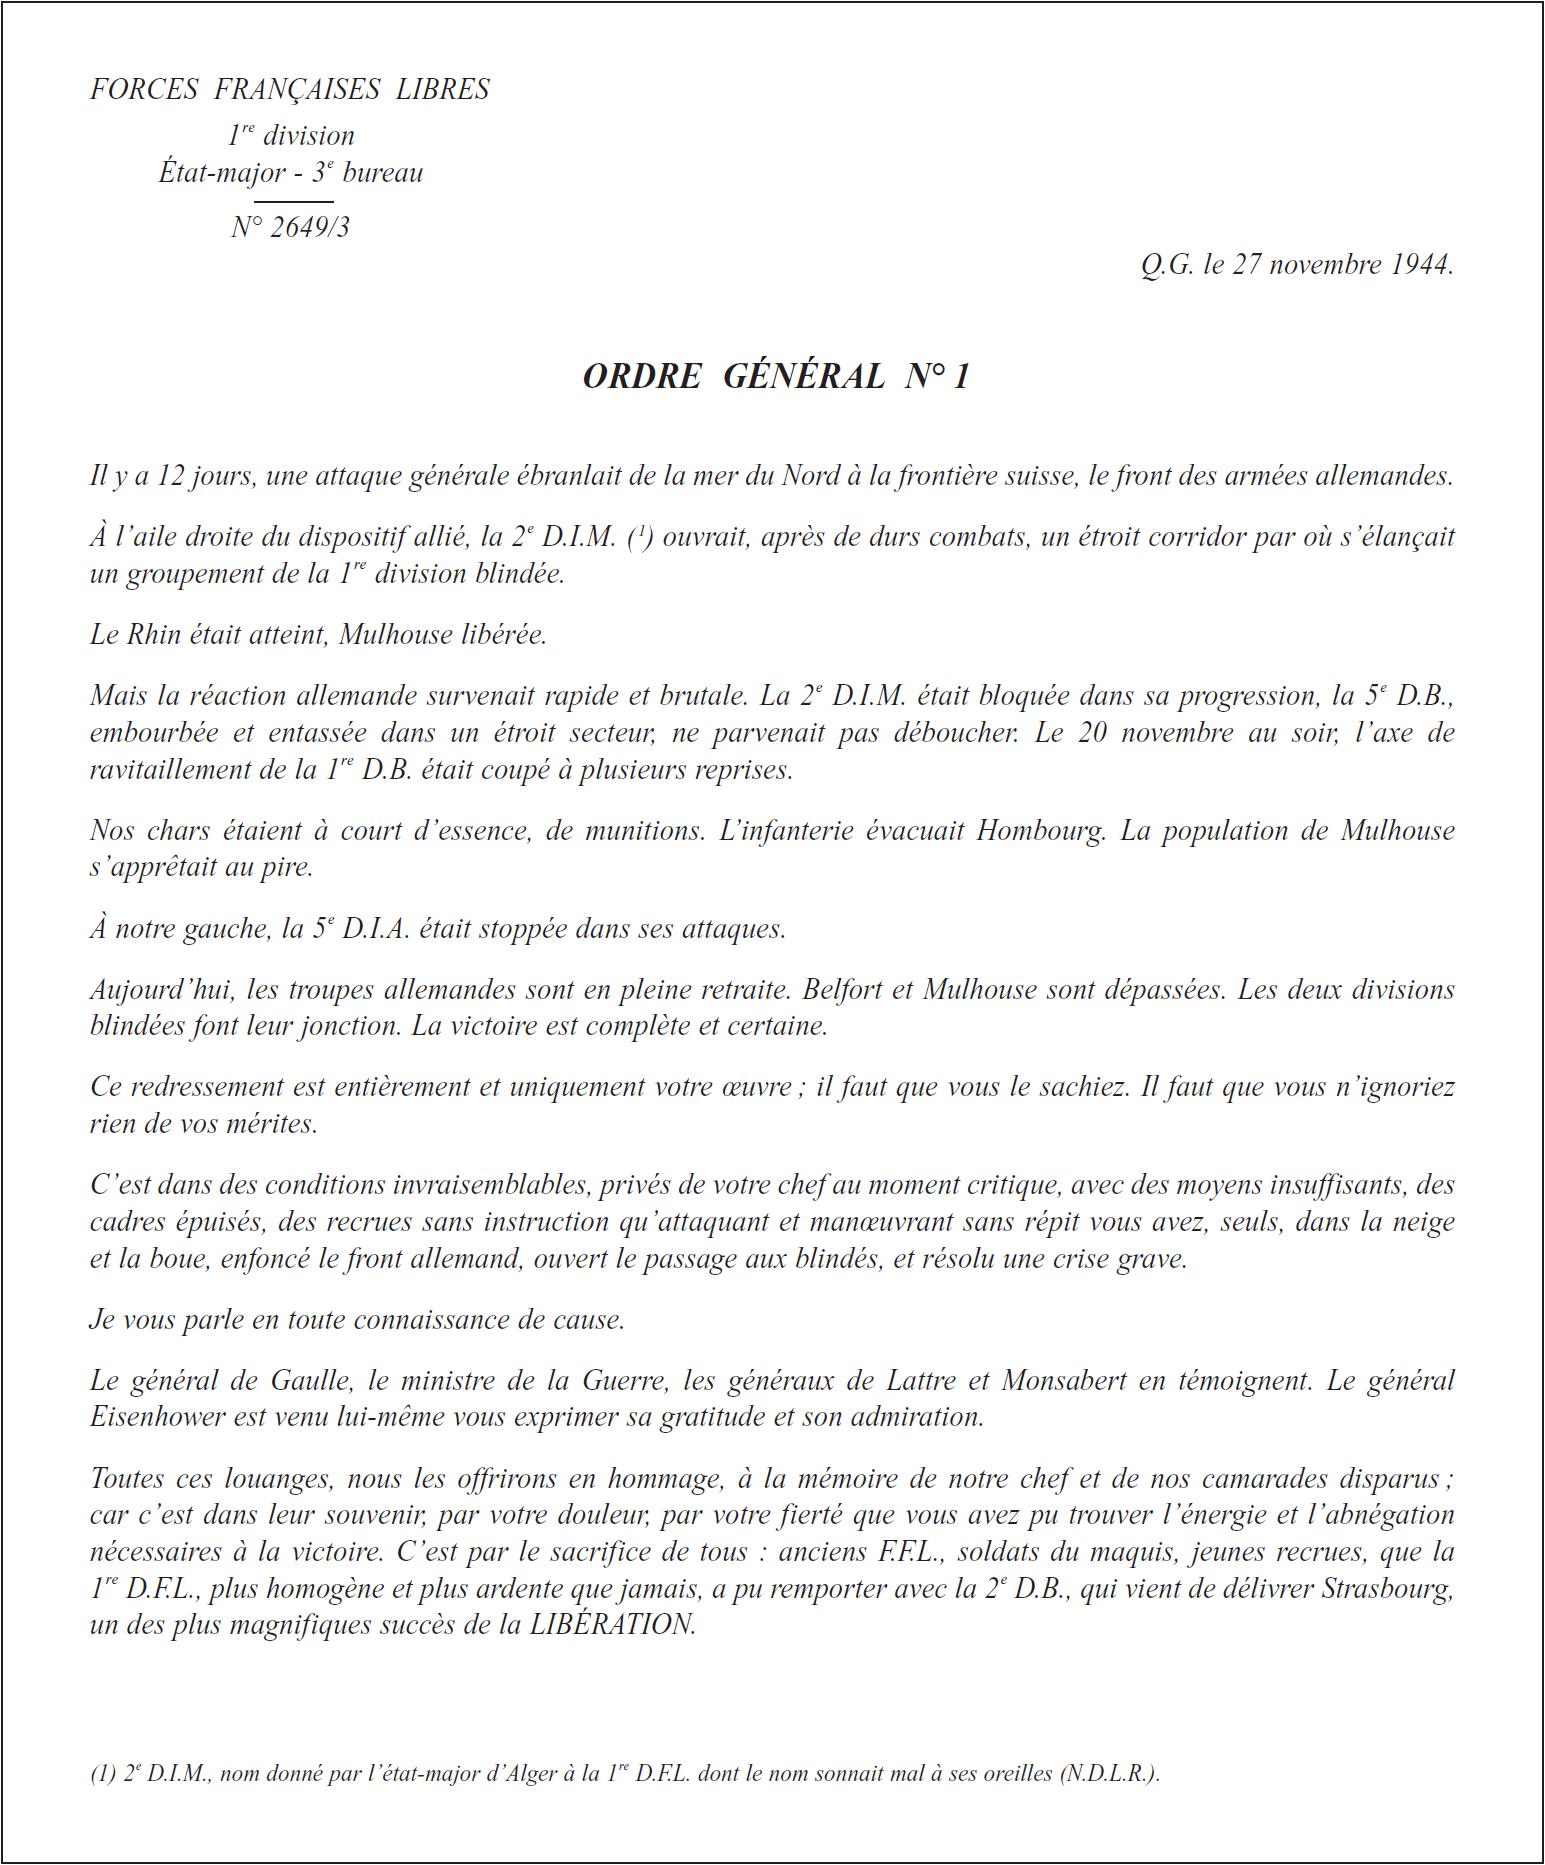 L'ordre général n° 1 du 27 novembre 1944